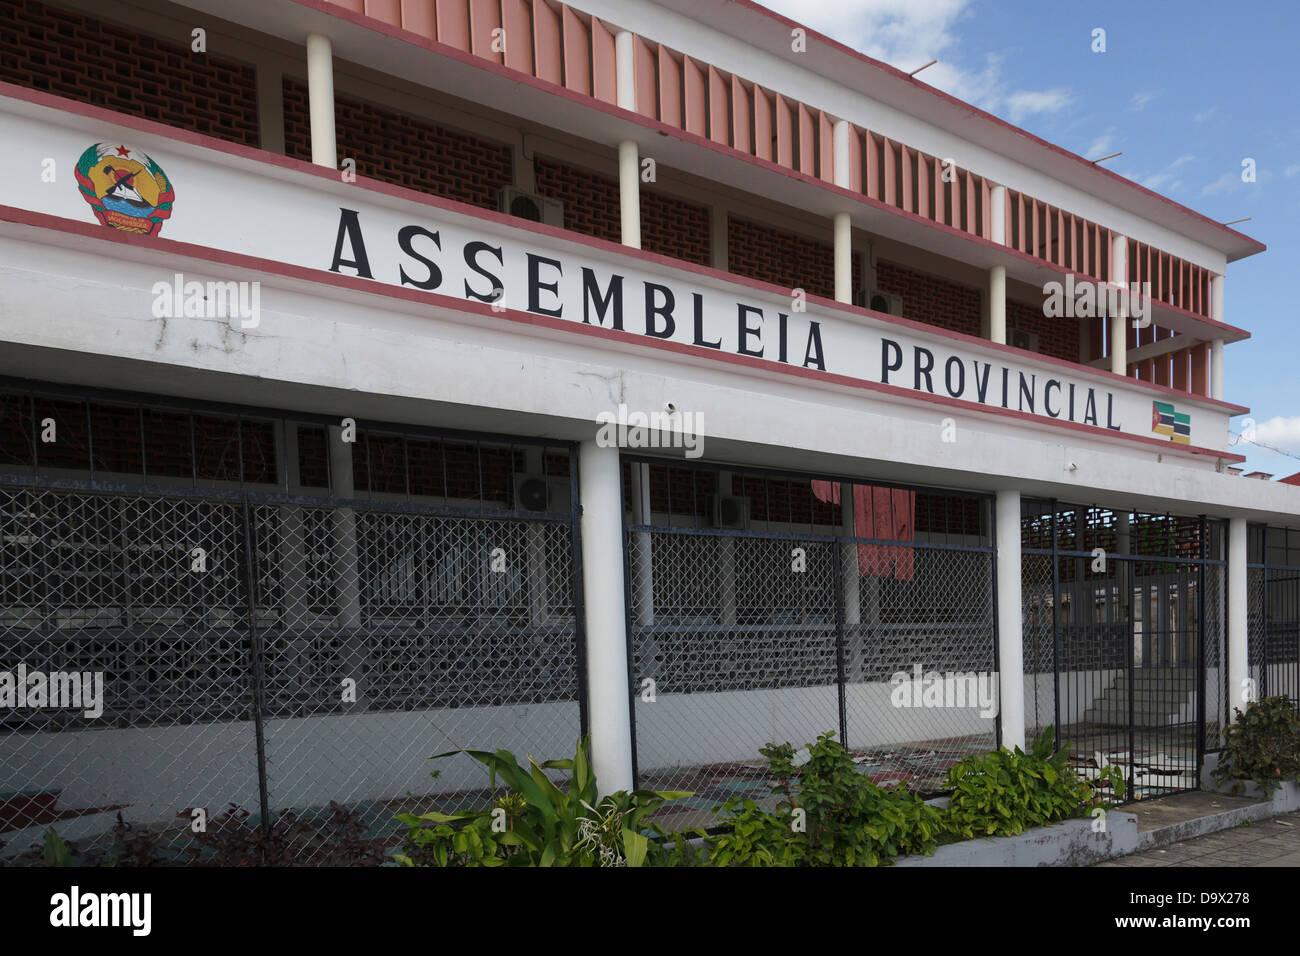 L'Afrique du Sud, du Mozambique, d'Inhambane. Assemblée provinciale. Photo Stock